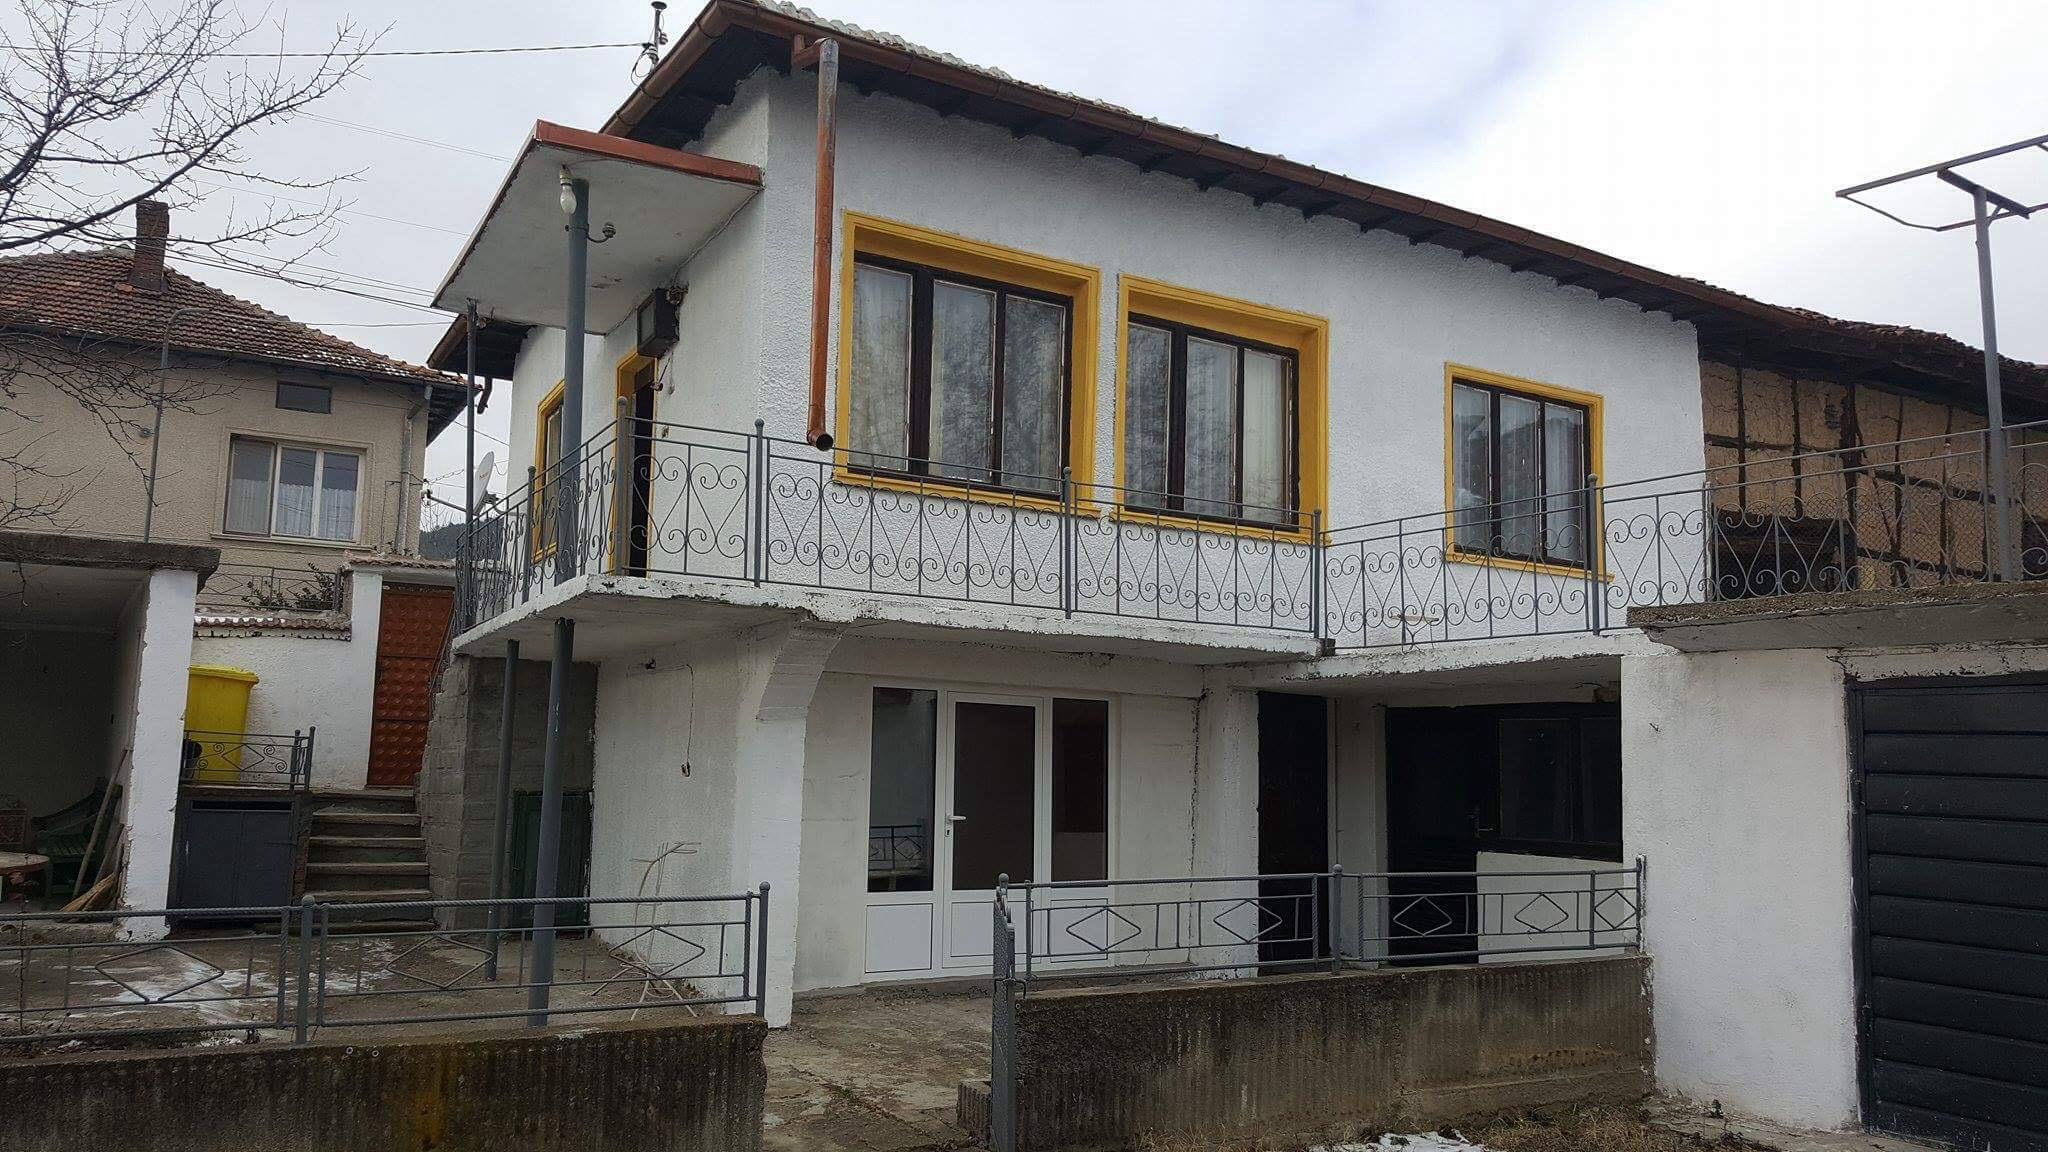 Vendita casa indipendente sofia bulgaria - Agenzia immobiliare sofia bulgaria ...